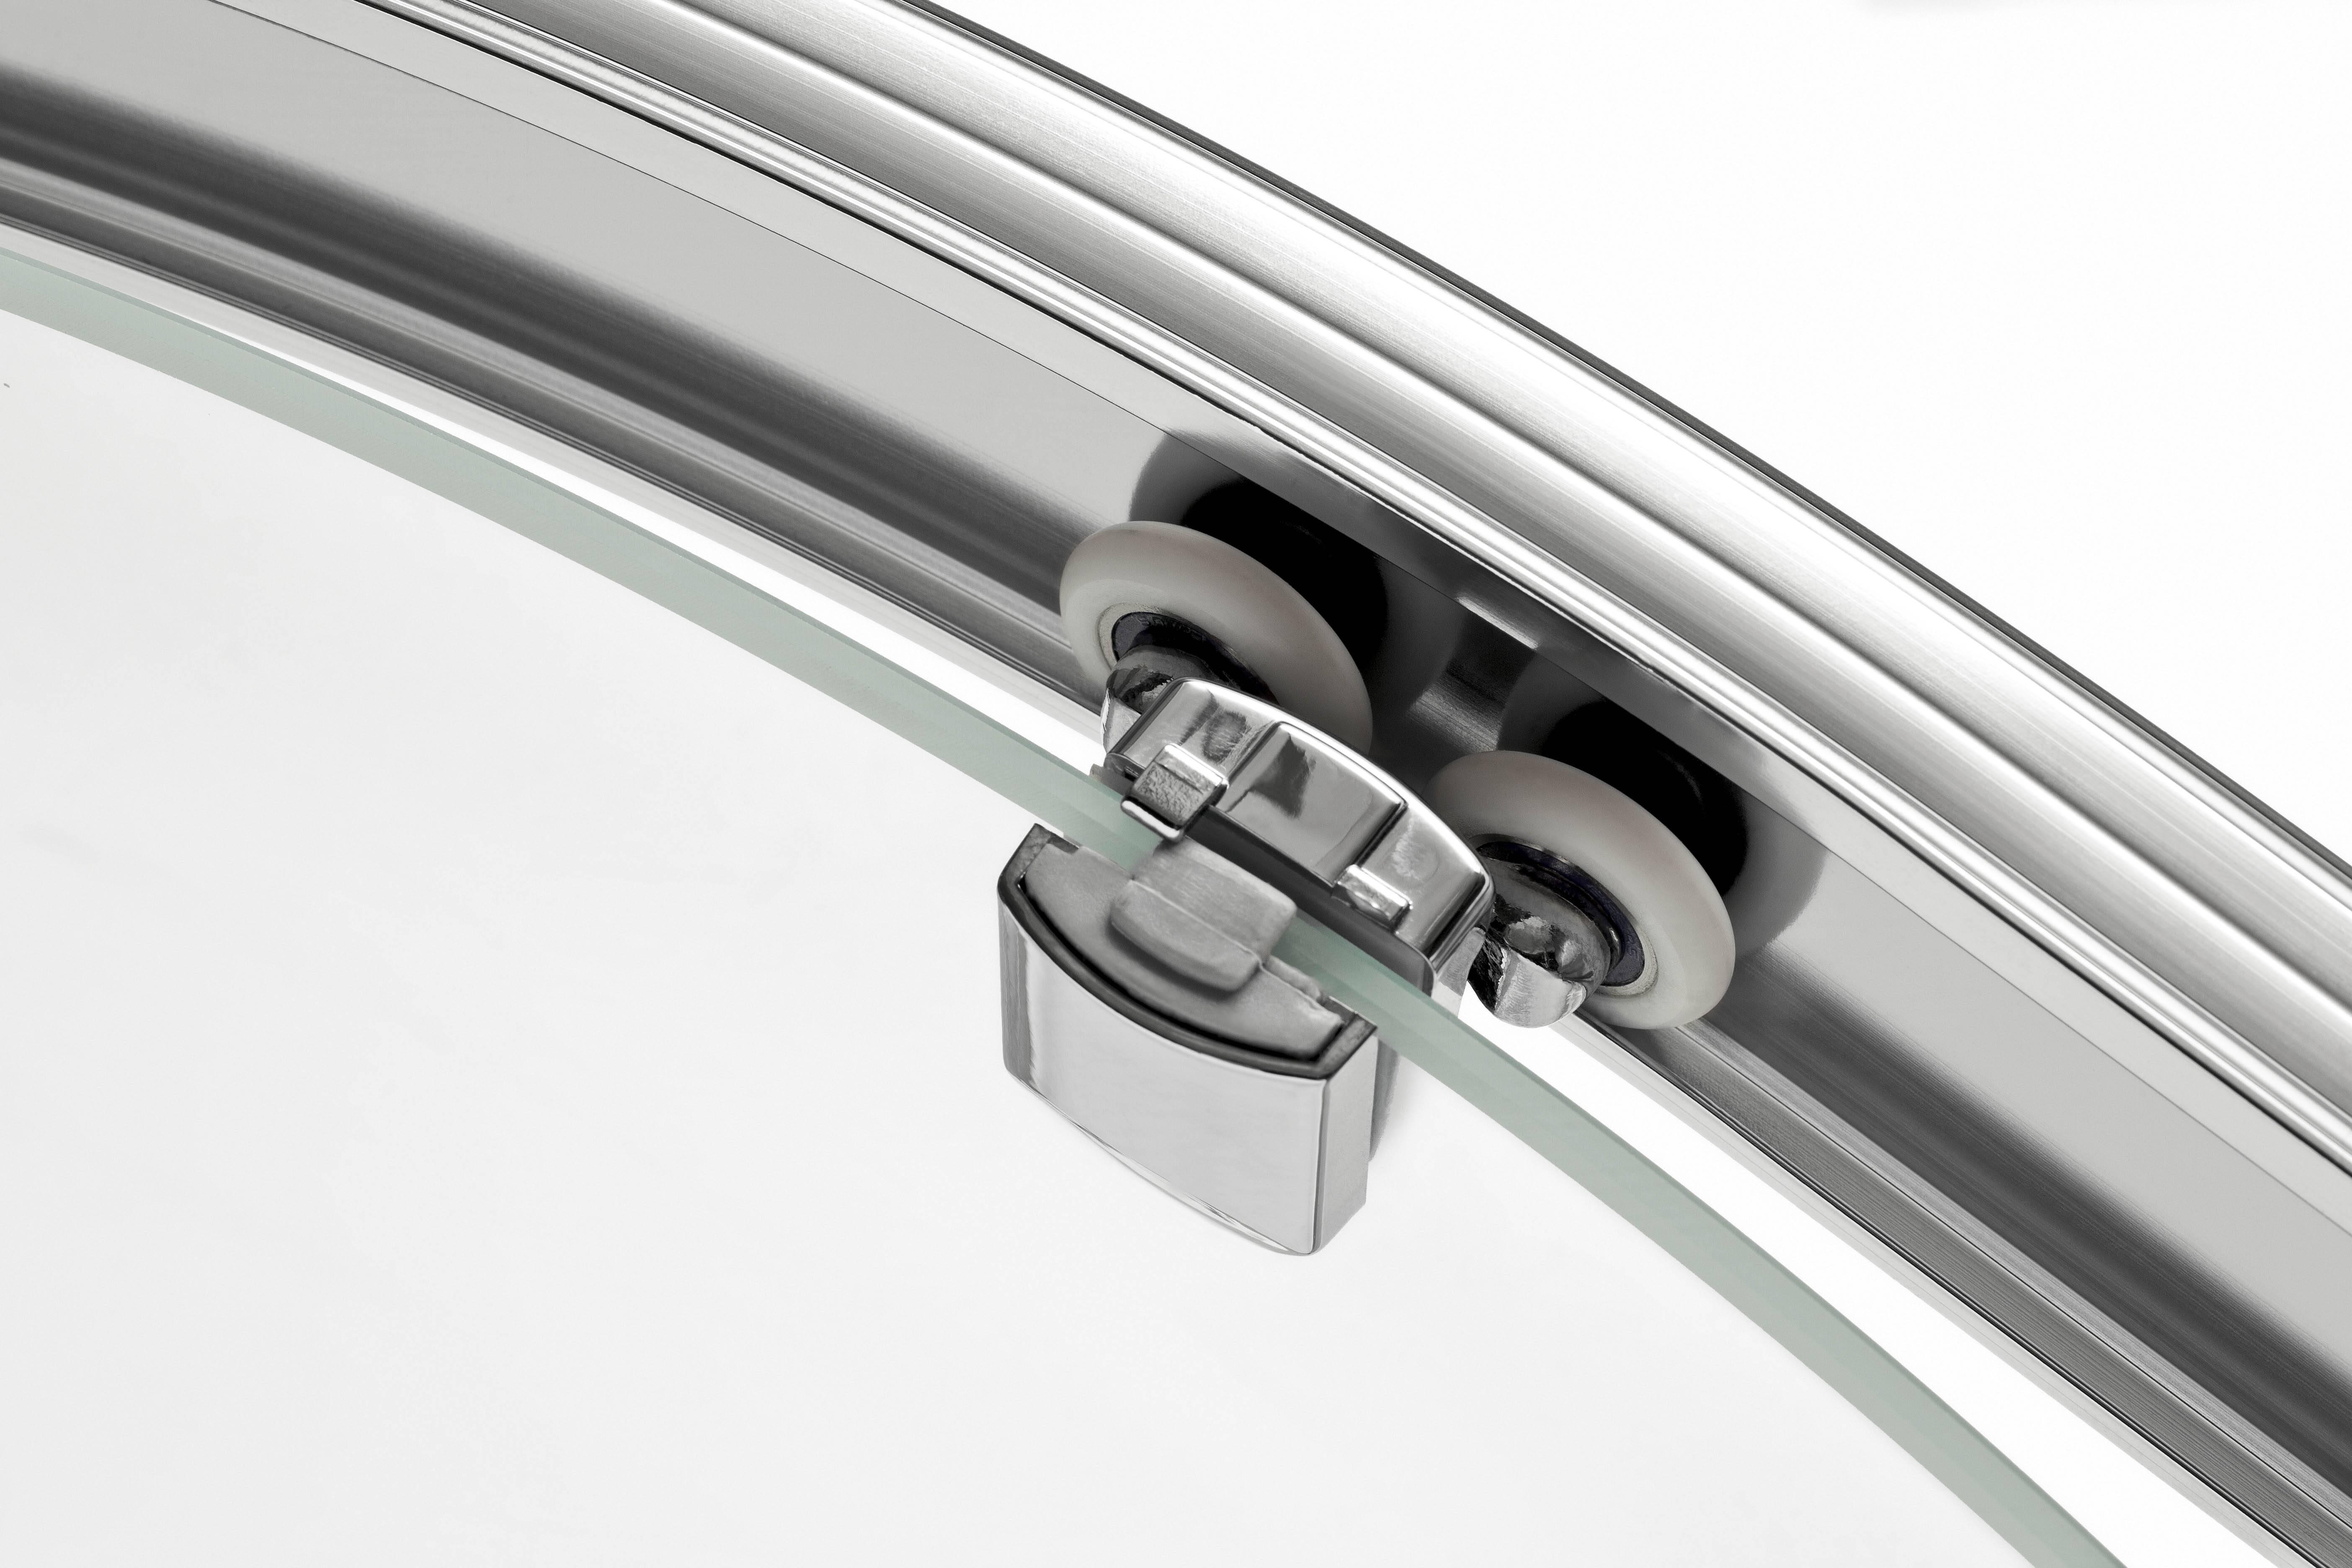 Двери для душевой кабины в нишу, установка без поддона, размер открывающейся стеклянной дверцы, ремонт, регулировка своими руками